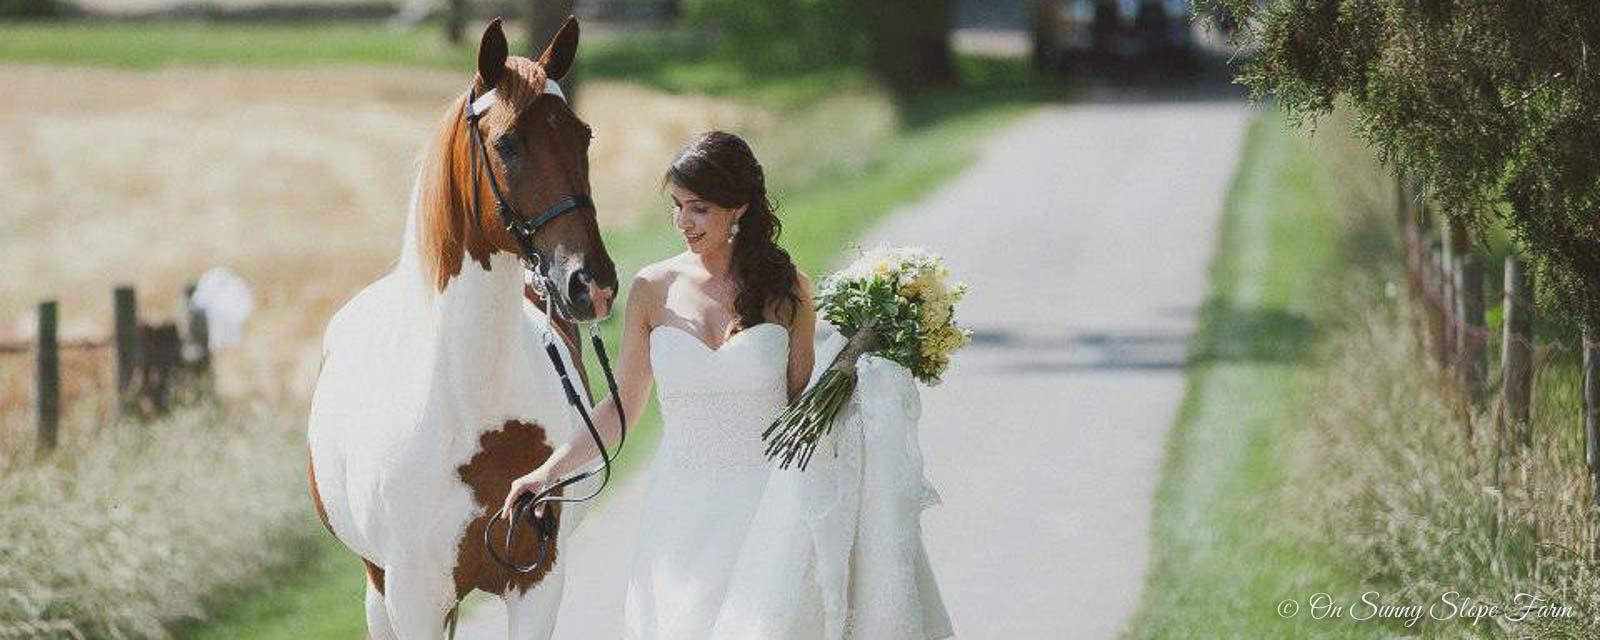 Weddings_On_Sunny_Slope_Farm-1